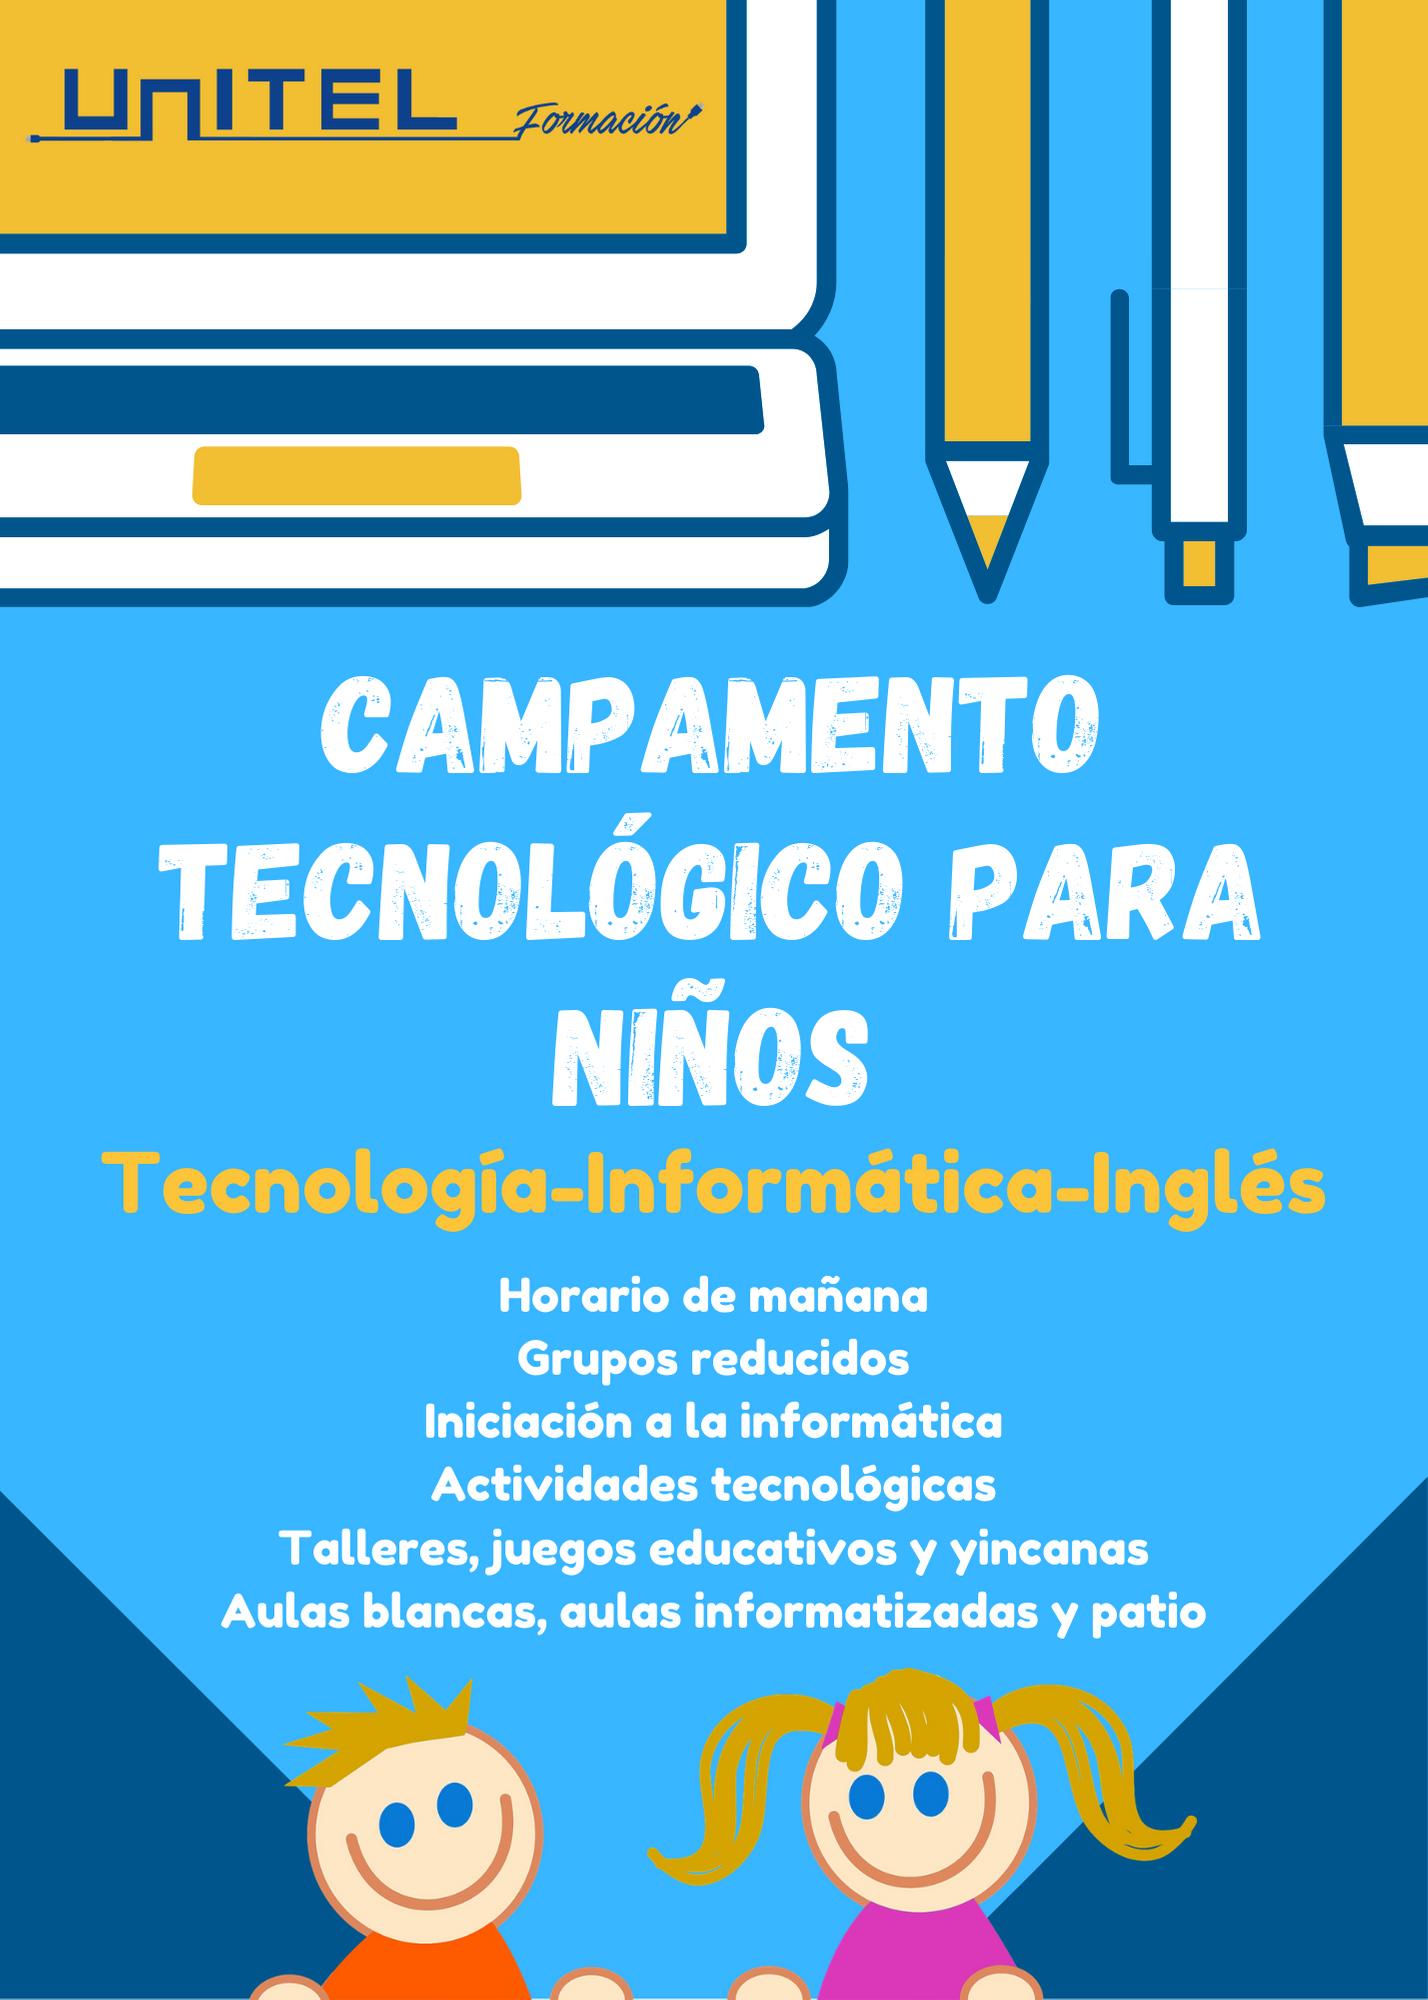 Campamento Tecnológico para niños en Toledo